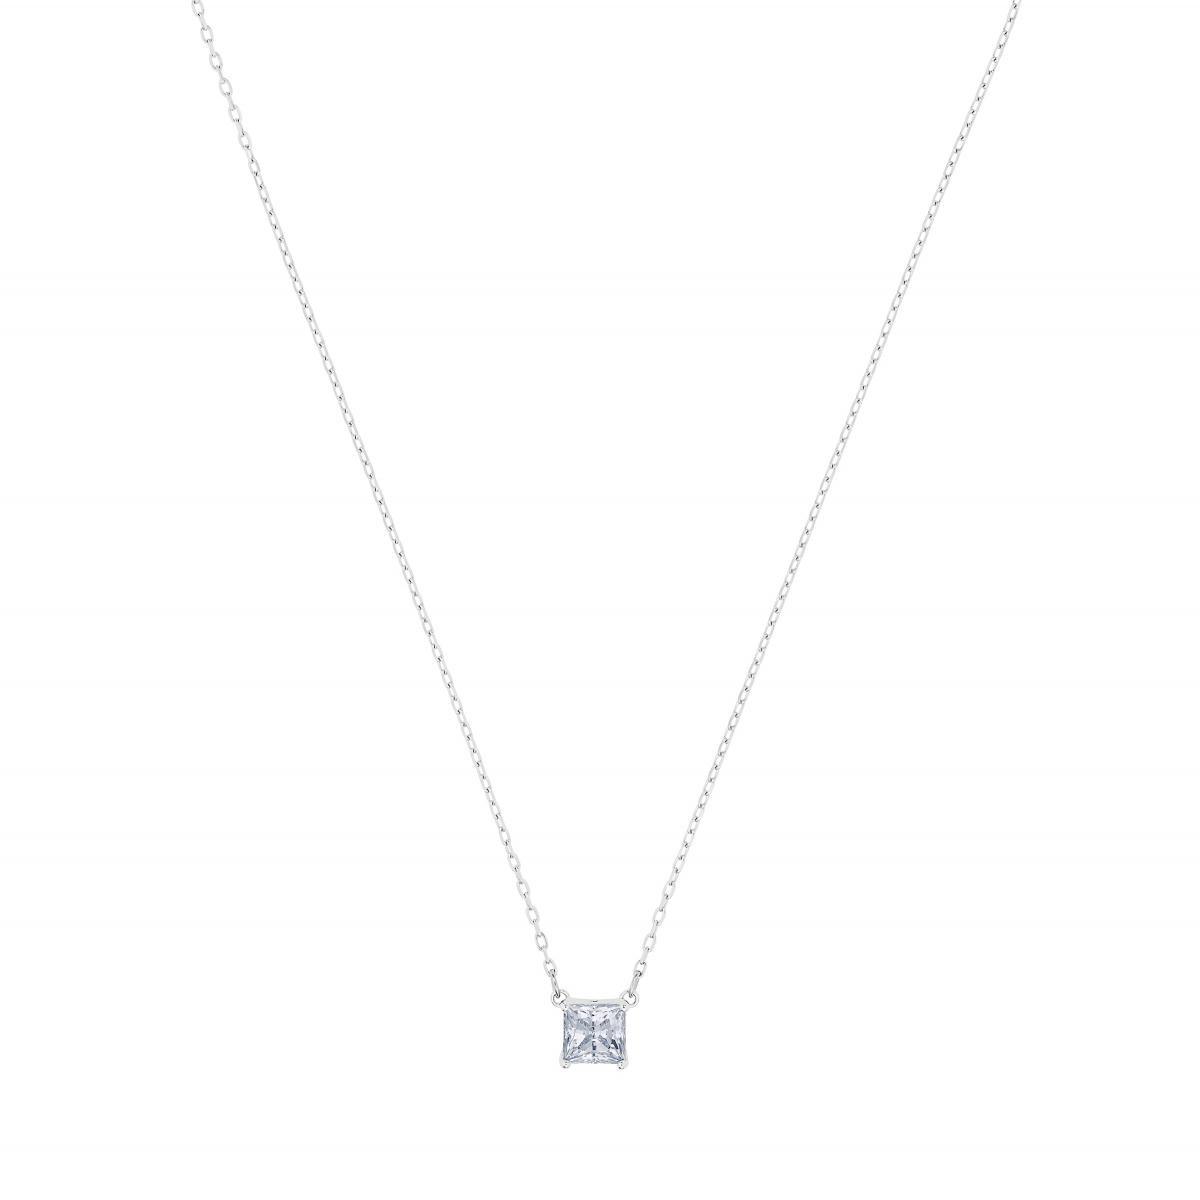 Collier et pendentif Swarovski 5510696 - Collier Attract Métal Rhodié  Arborant Pierre en cristal carré Femme